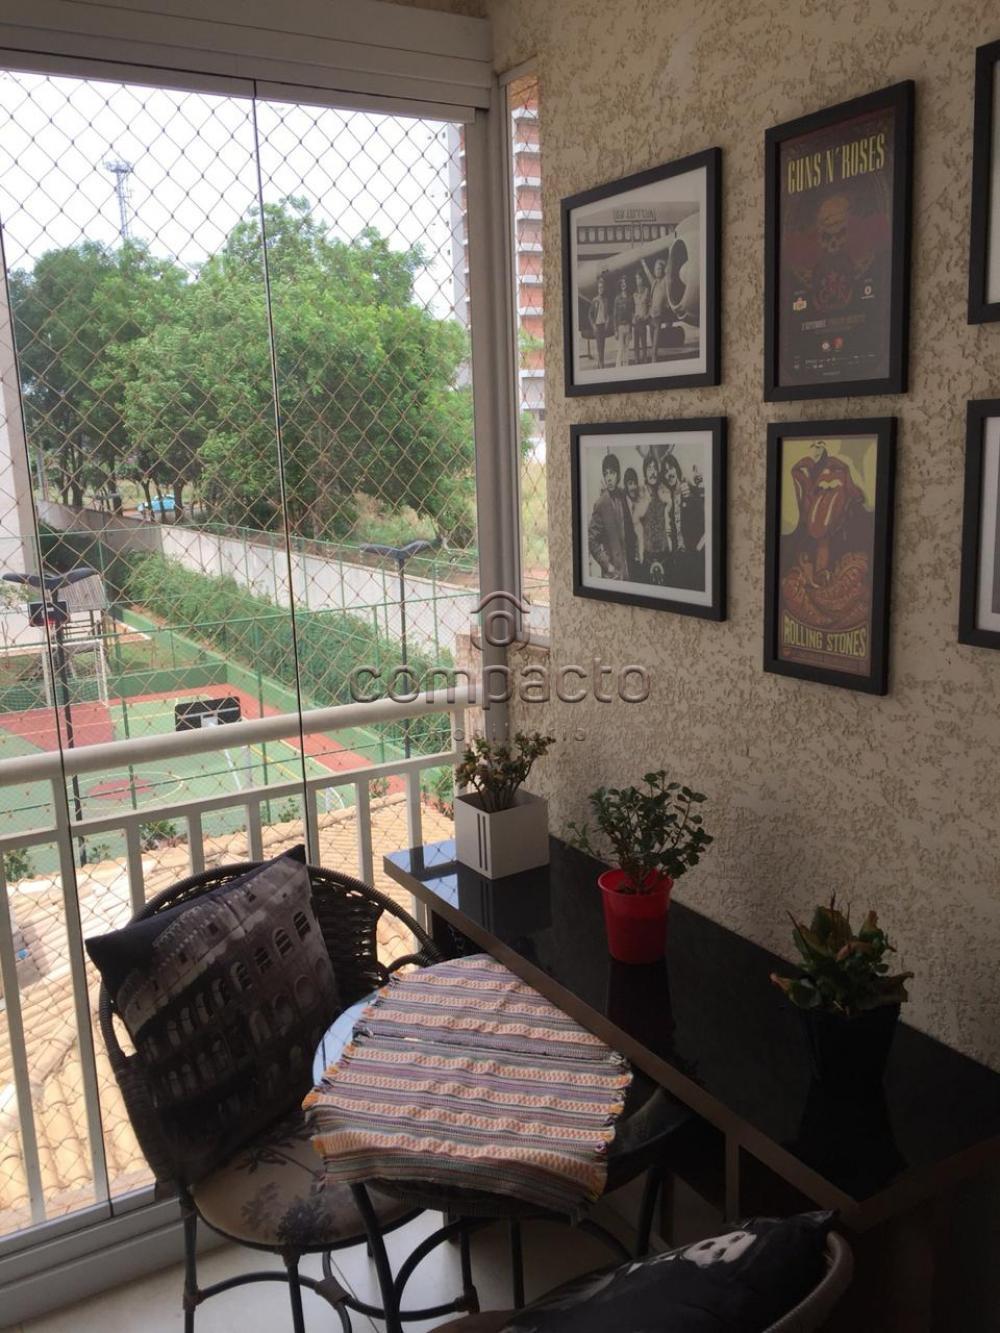 Comprar Apartamento / Padrão em São José do Rio Preto apenas R$ 370.000,00 - Foto 4